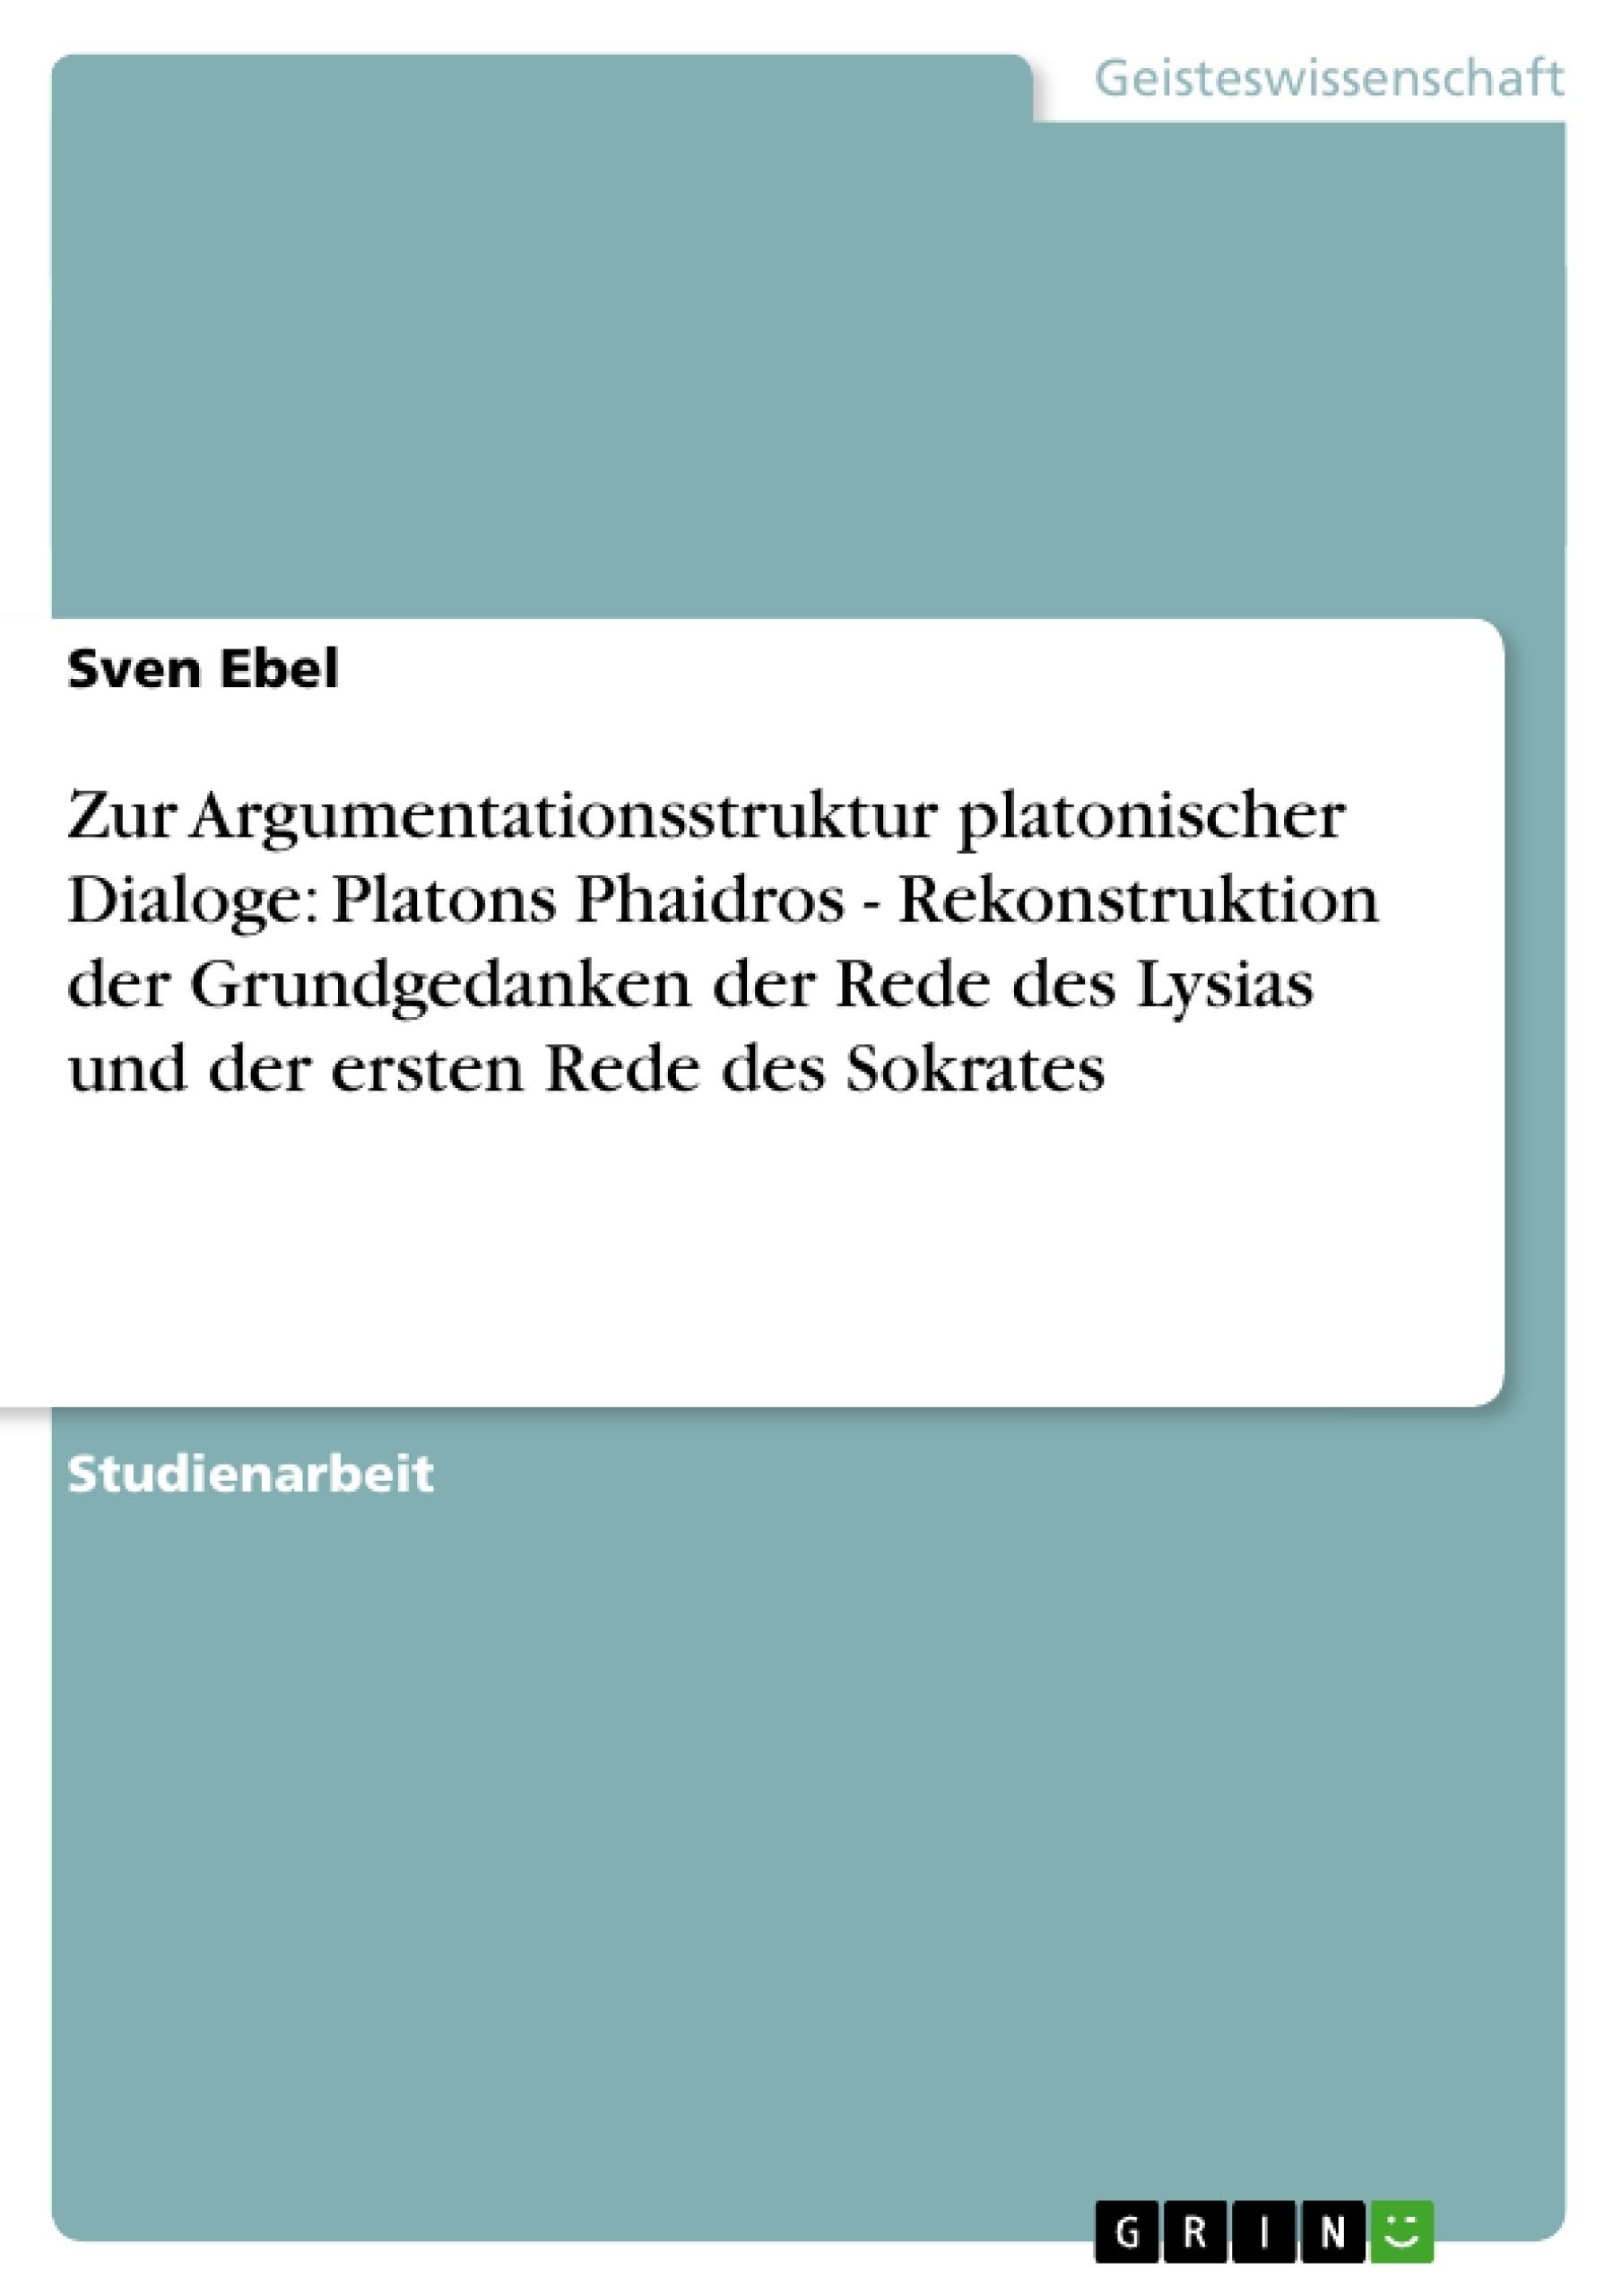 Titel: Zur Argumentationsstruktur platonischer Dialoge:    Platons Phaidros - Rekonstruktion der Grundgedanken der Rede des Lysias und der ersten Rede des Sokrates